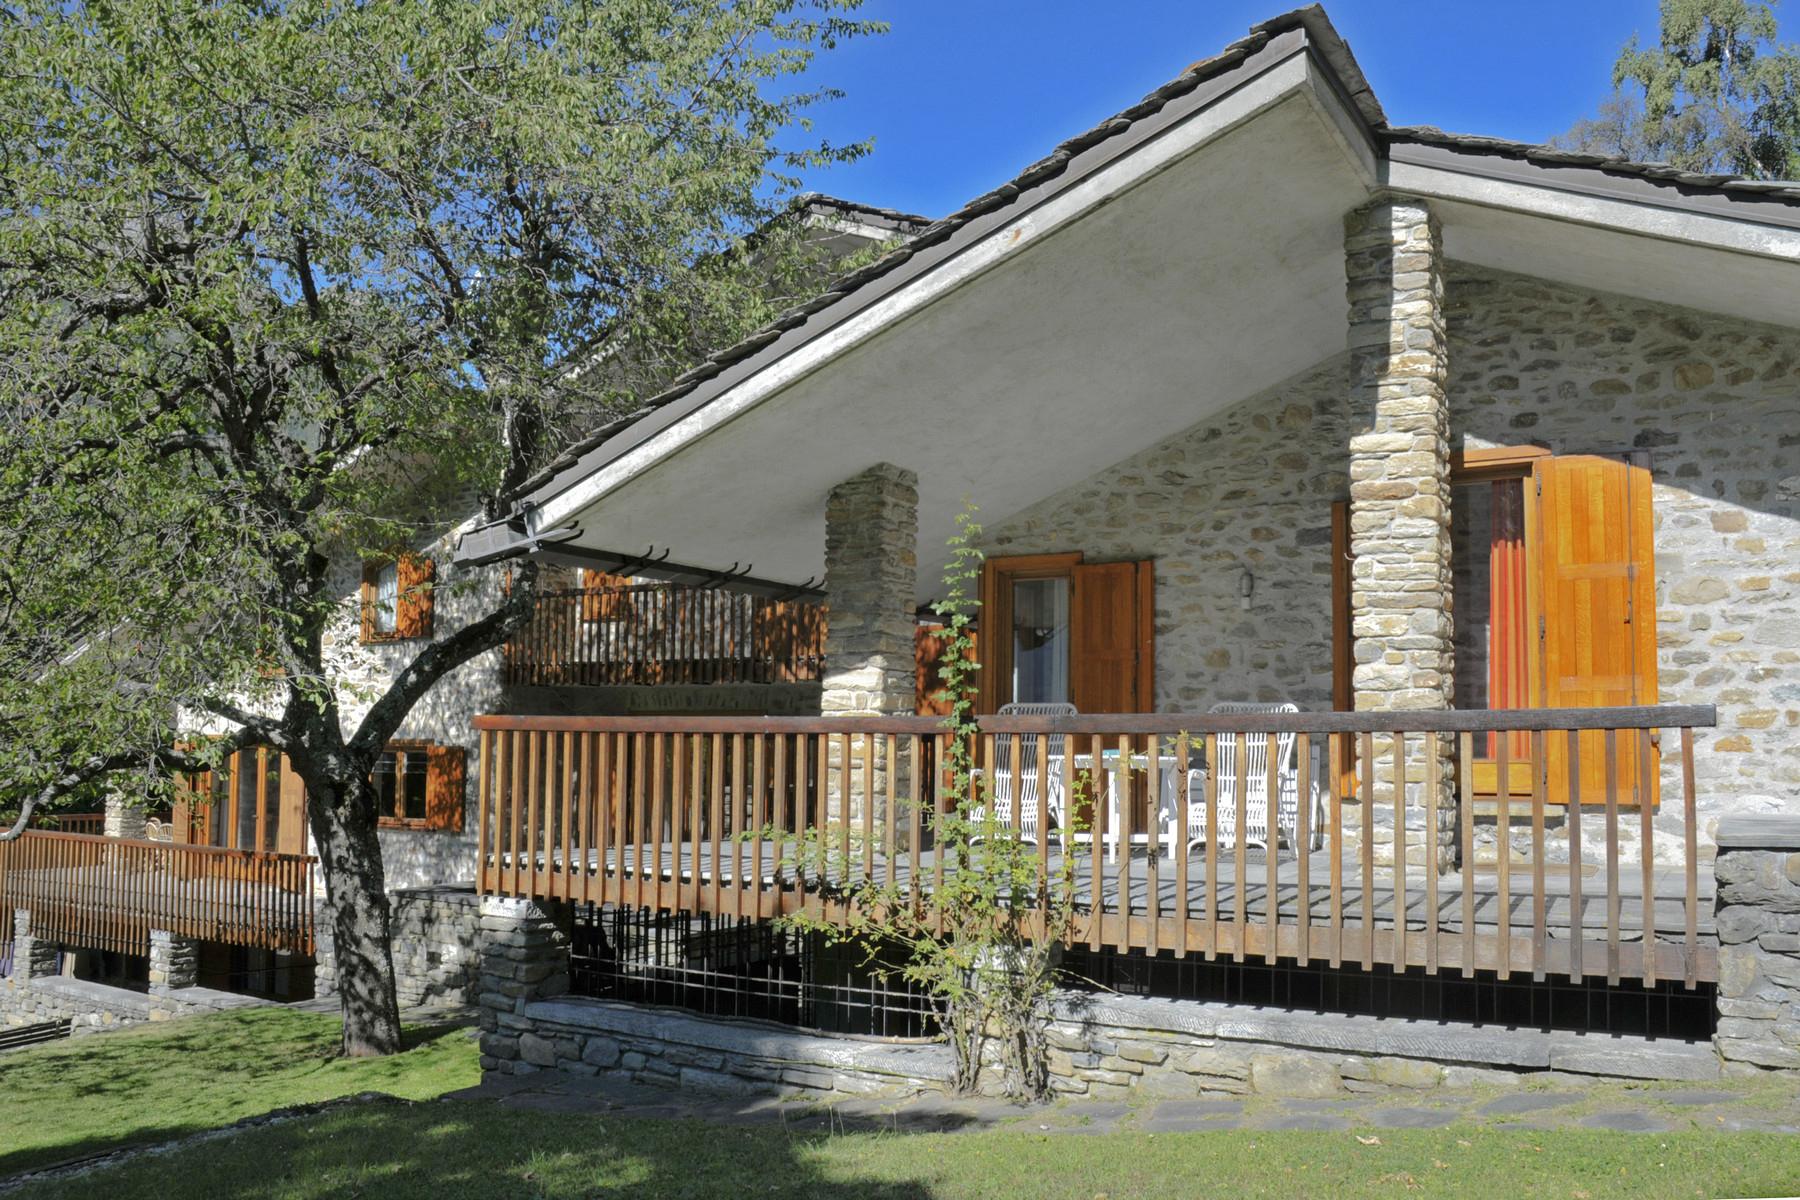 Villa in Vendita a Pre'-Saint-Didier: 5 locali, 700 mq - Foto 6